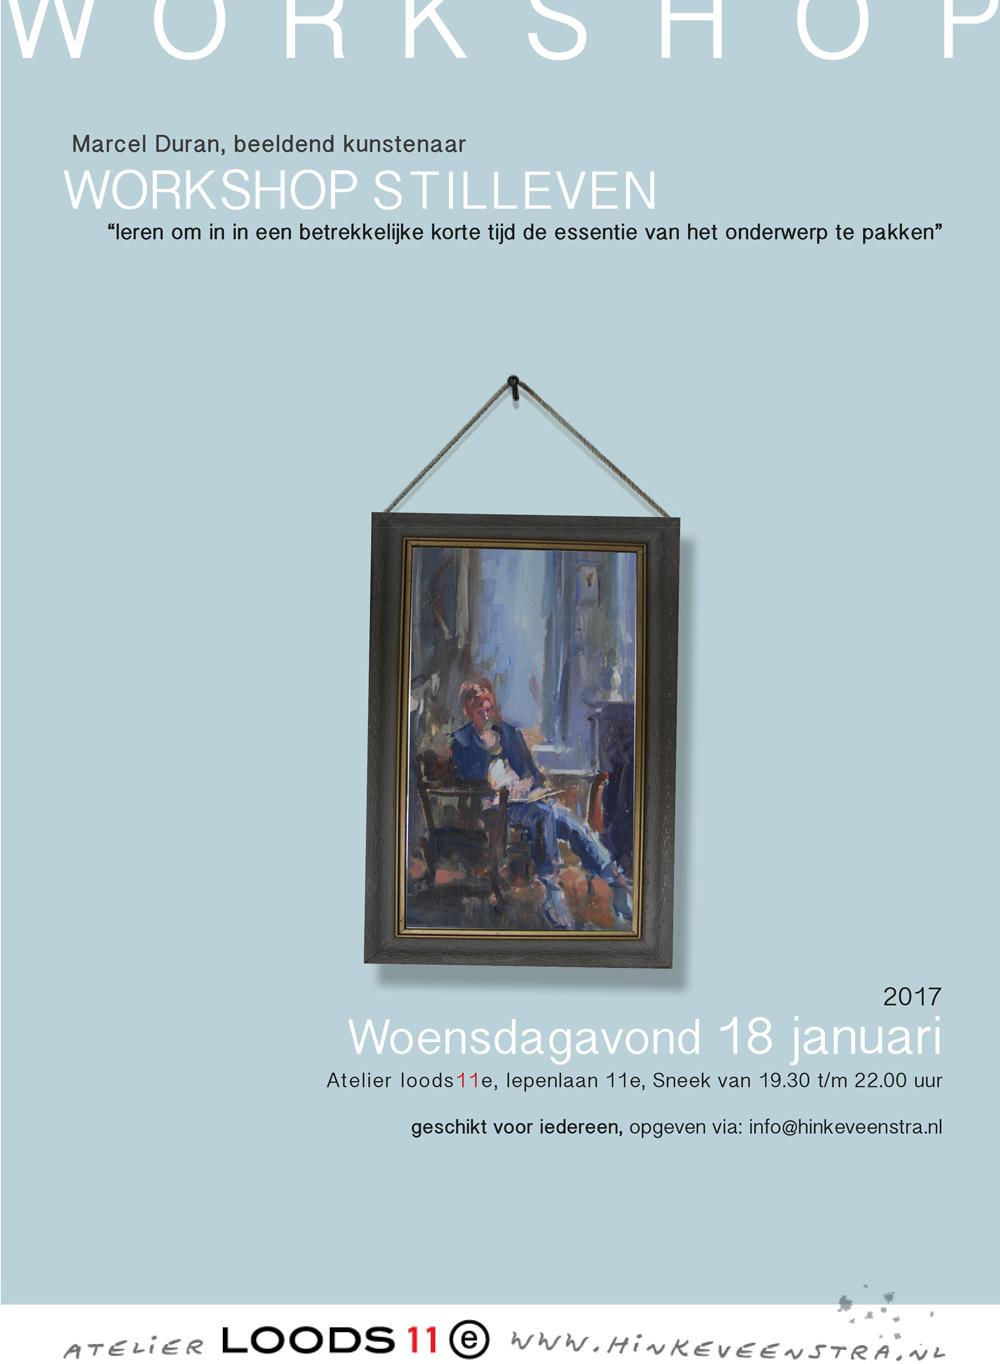 poster-workshop-iepenlaan-11e-,8